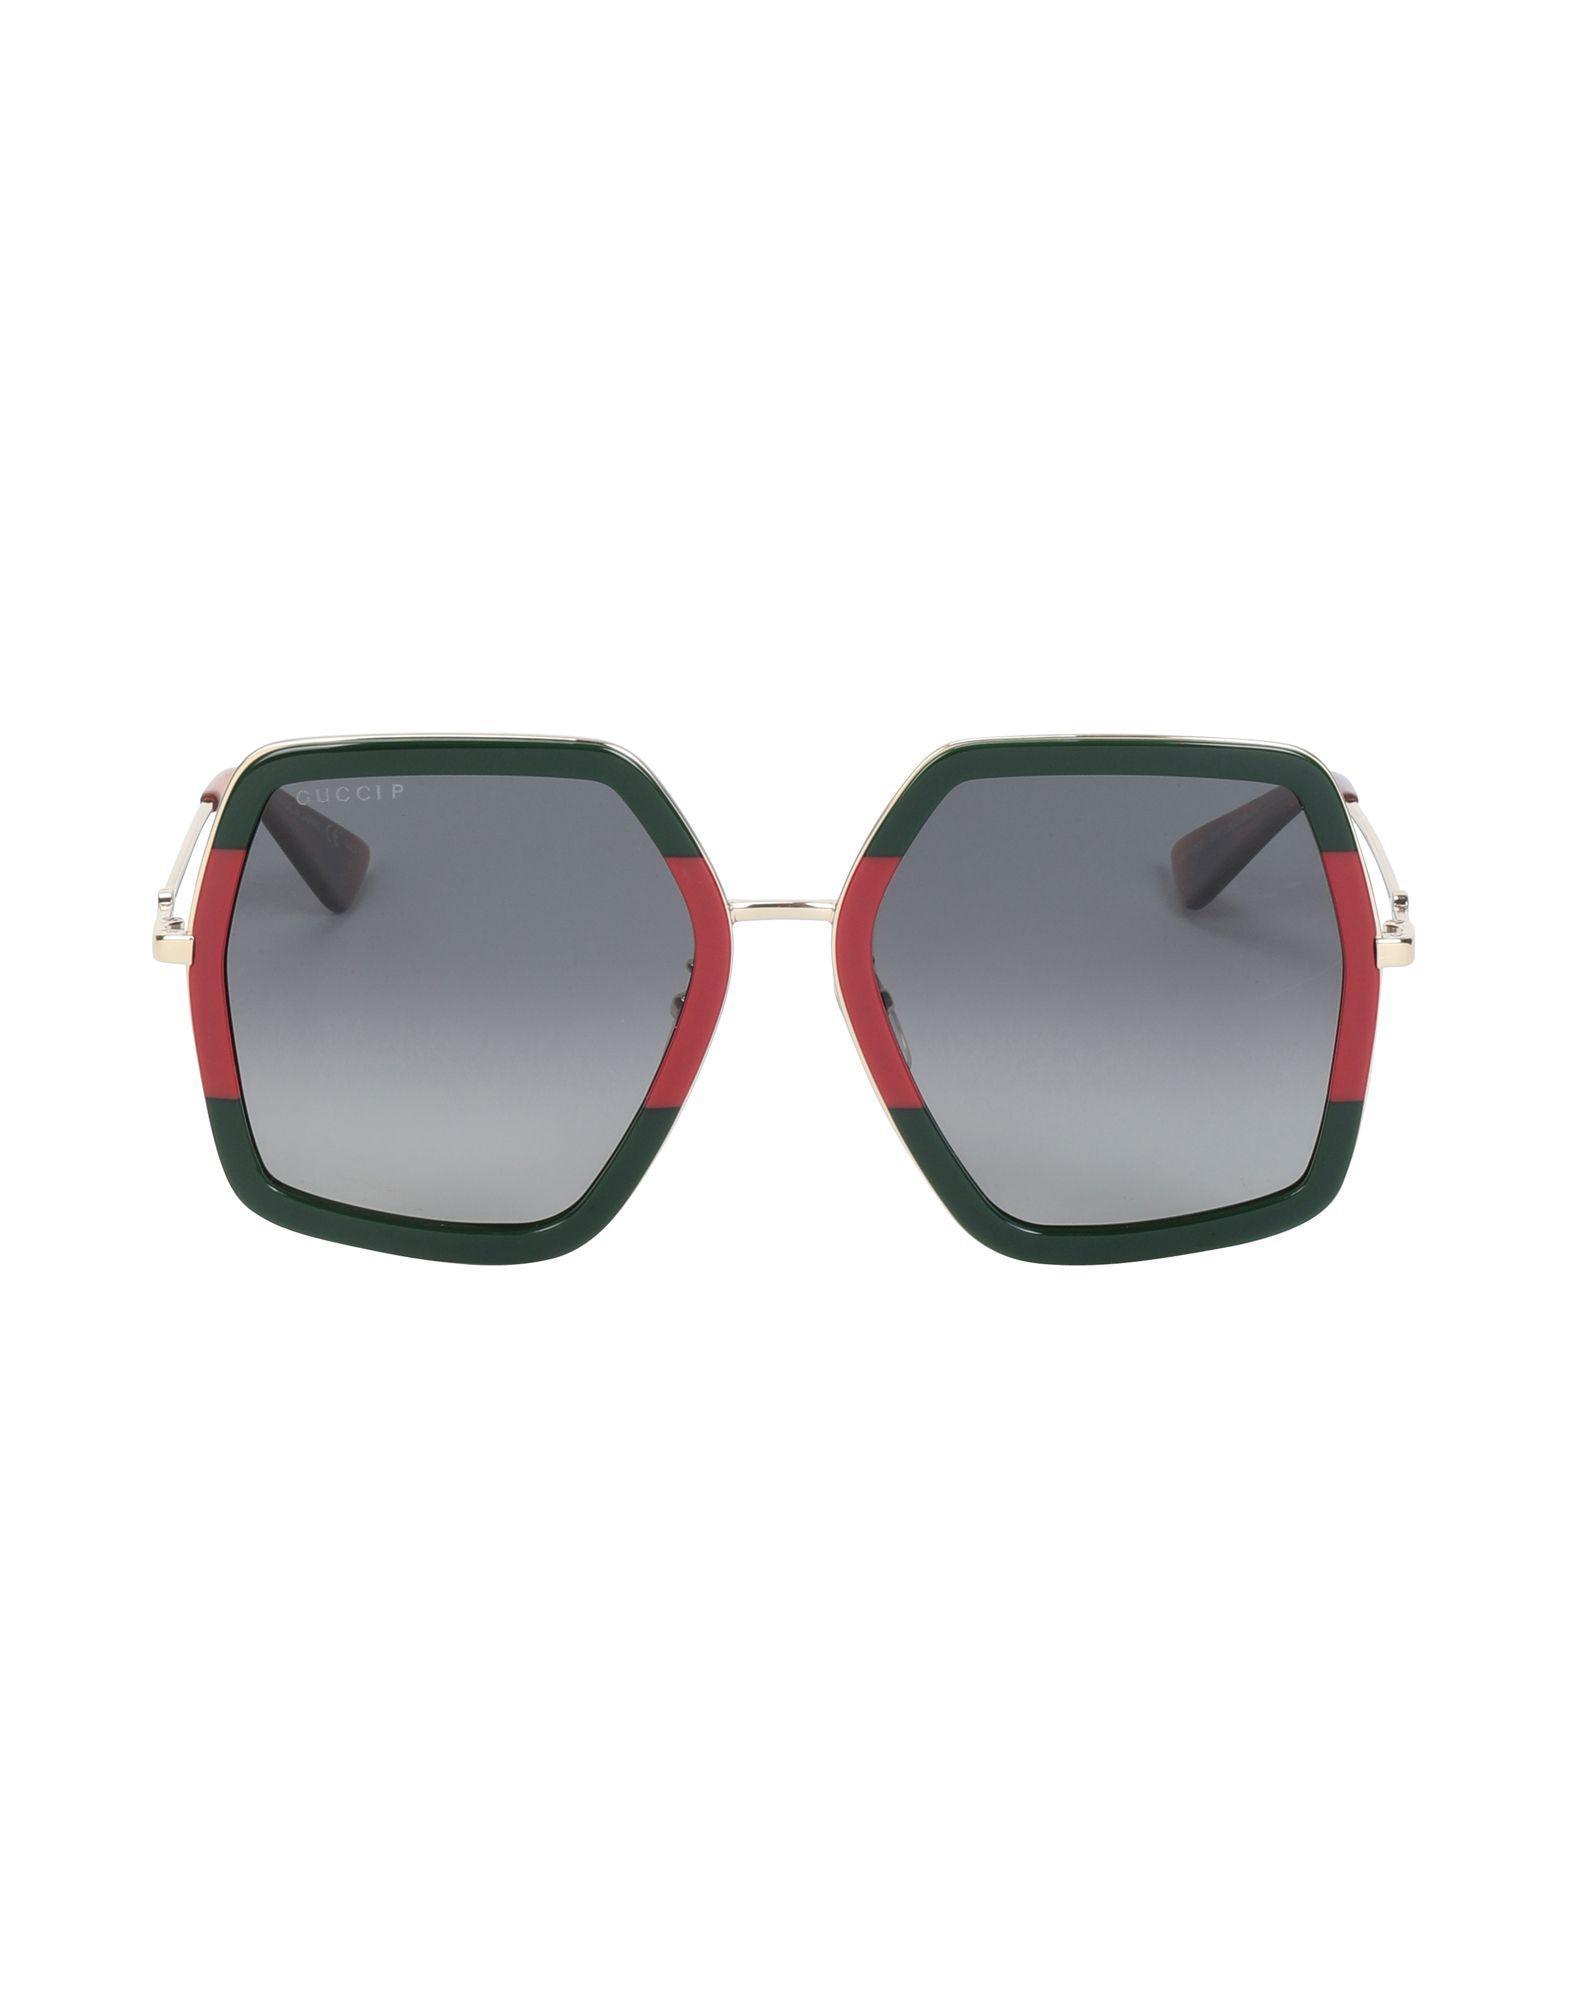 e7bb0bdf38a Gucci Sunglasses in Green - Lyst